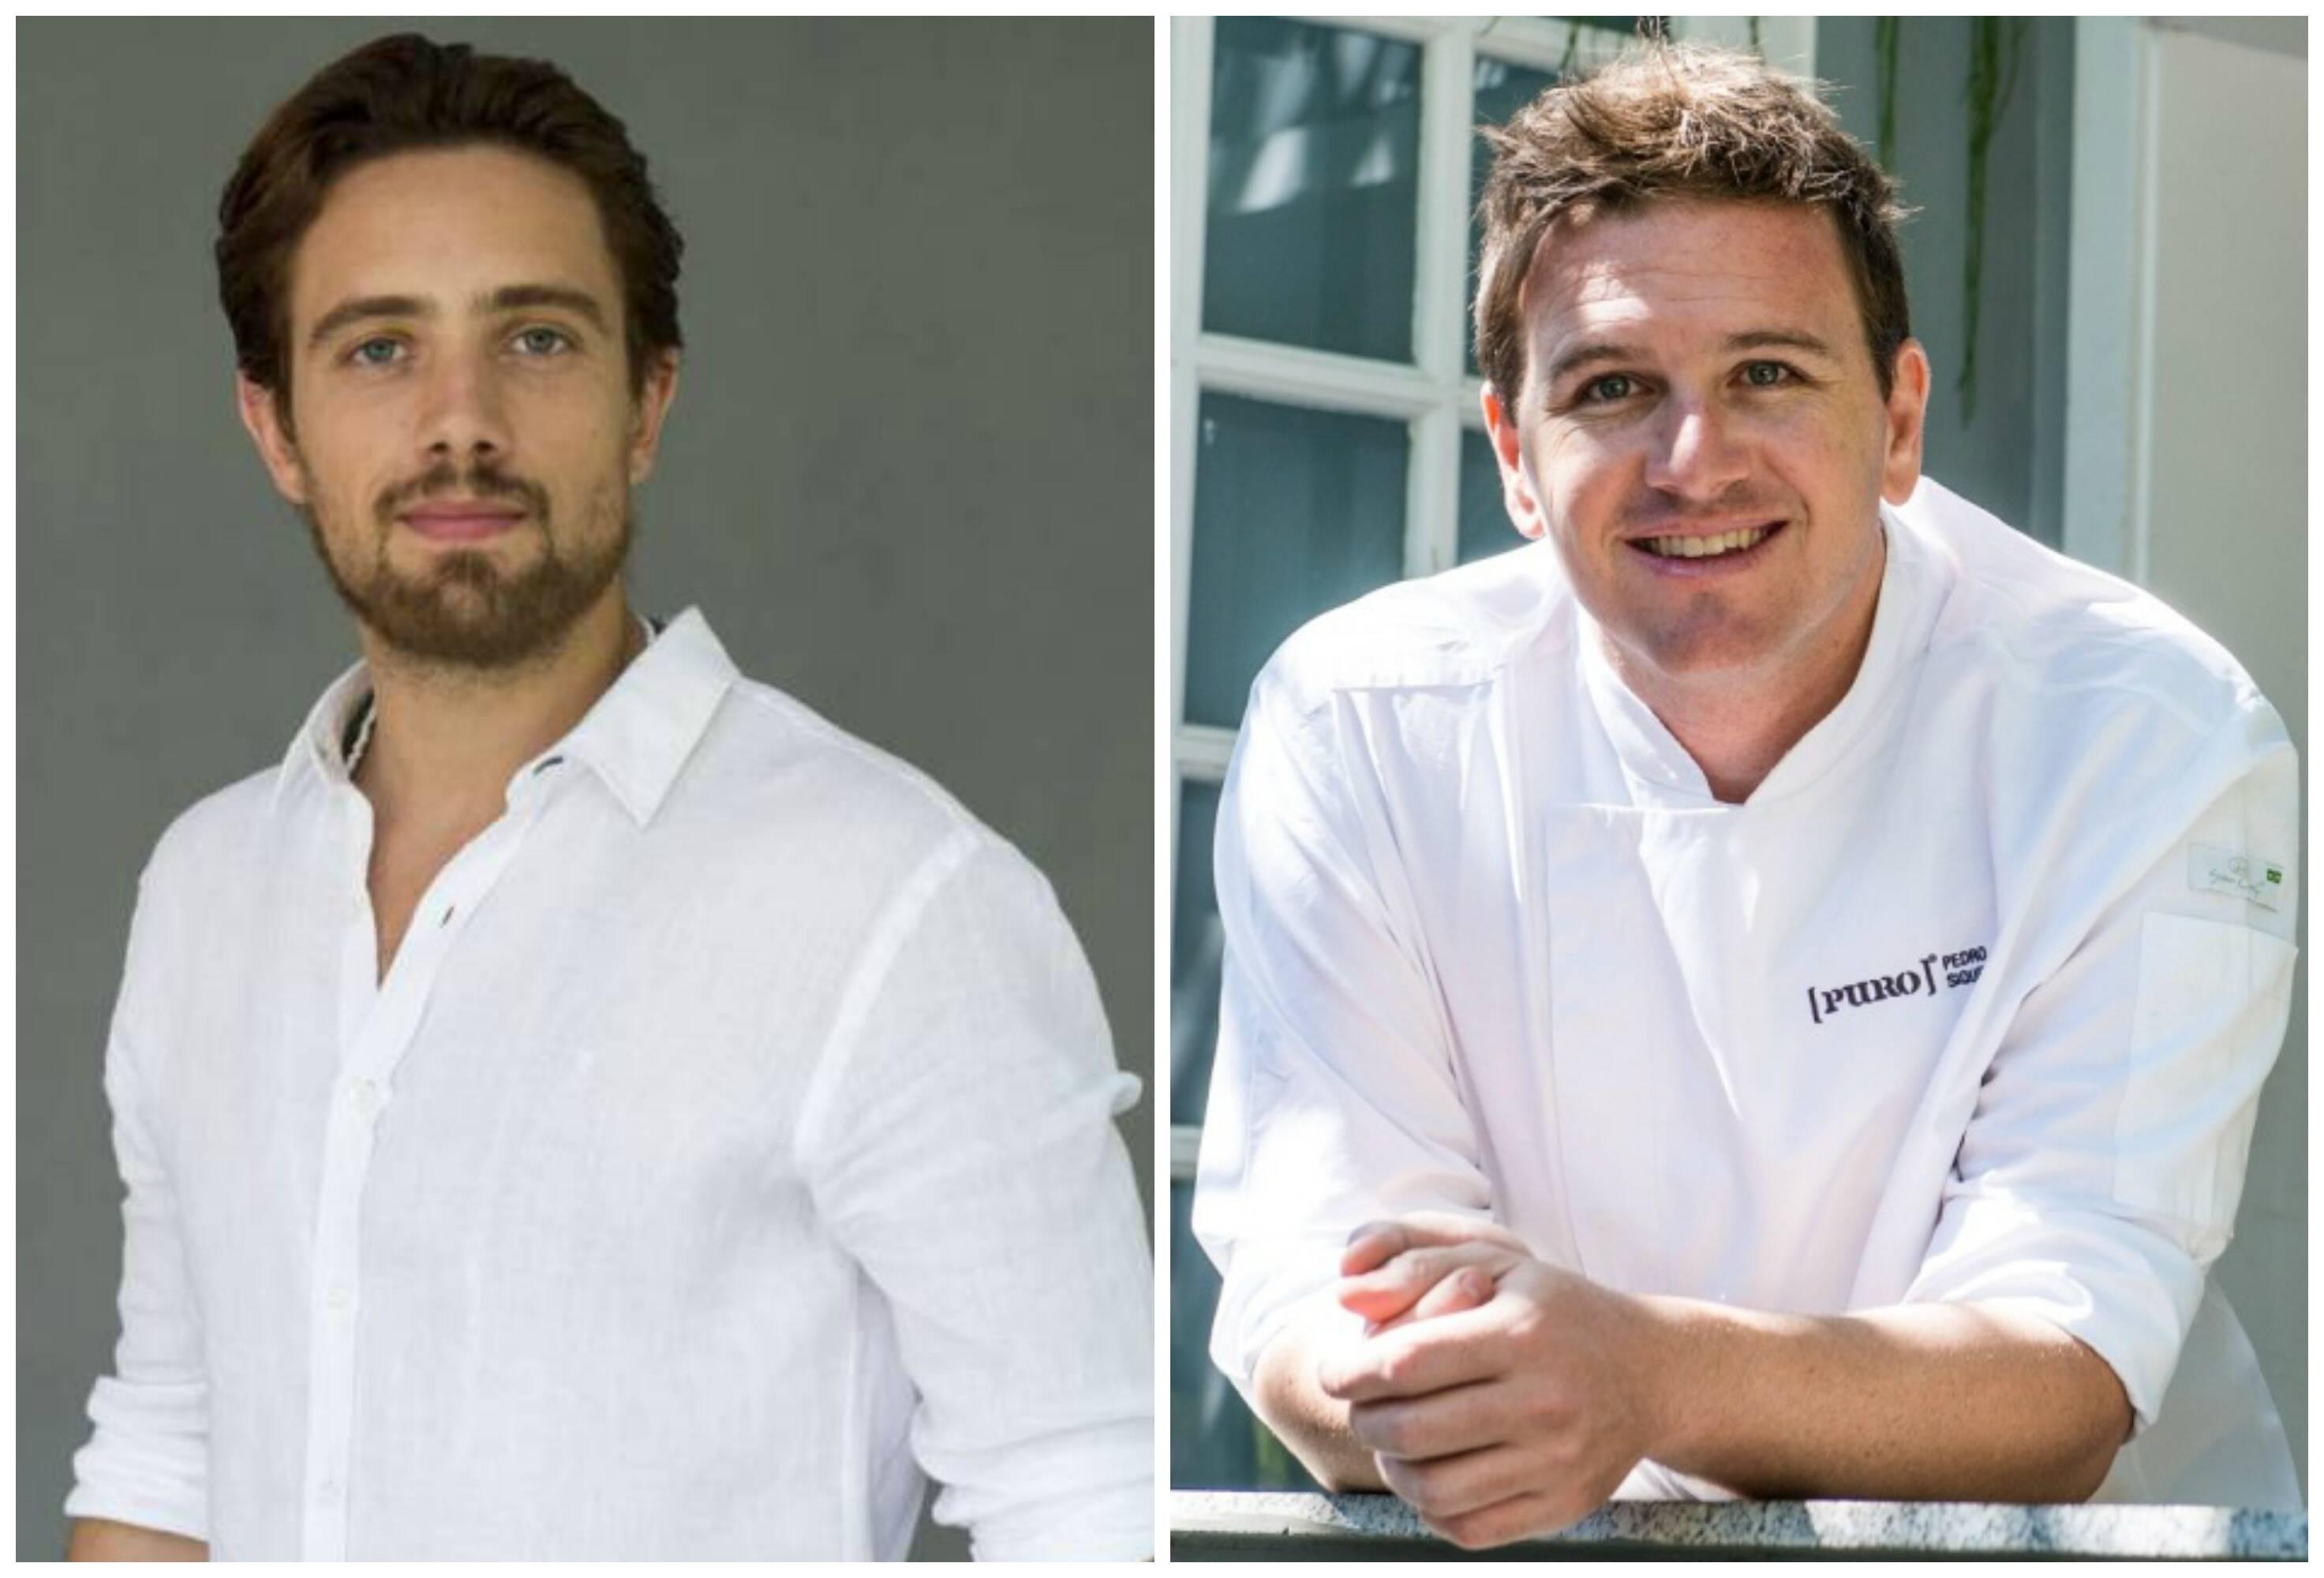 Rafael Cardoso e o chef Pedro Siqueira: os sócios no restaurante Puro vão para a cozinha, juntos, domingo / Fotos: TV Globo e Thomas Rangel